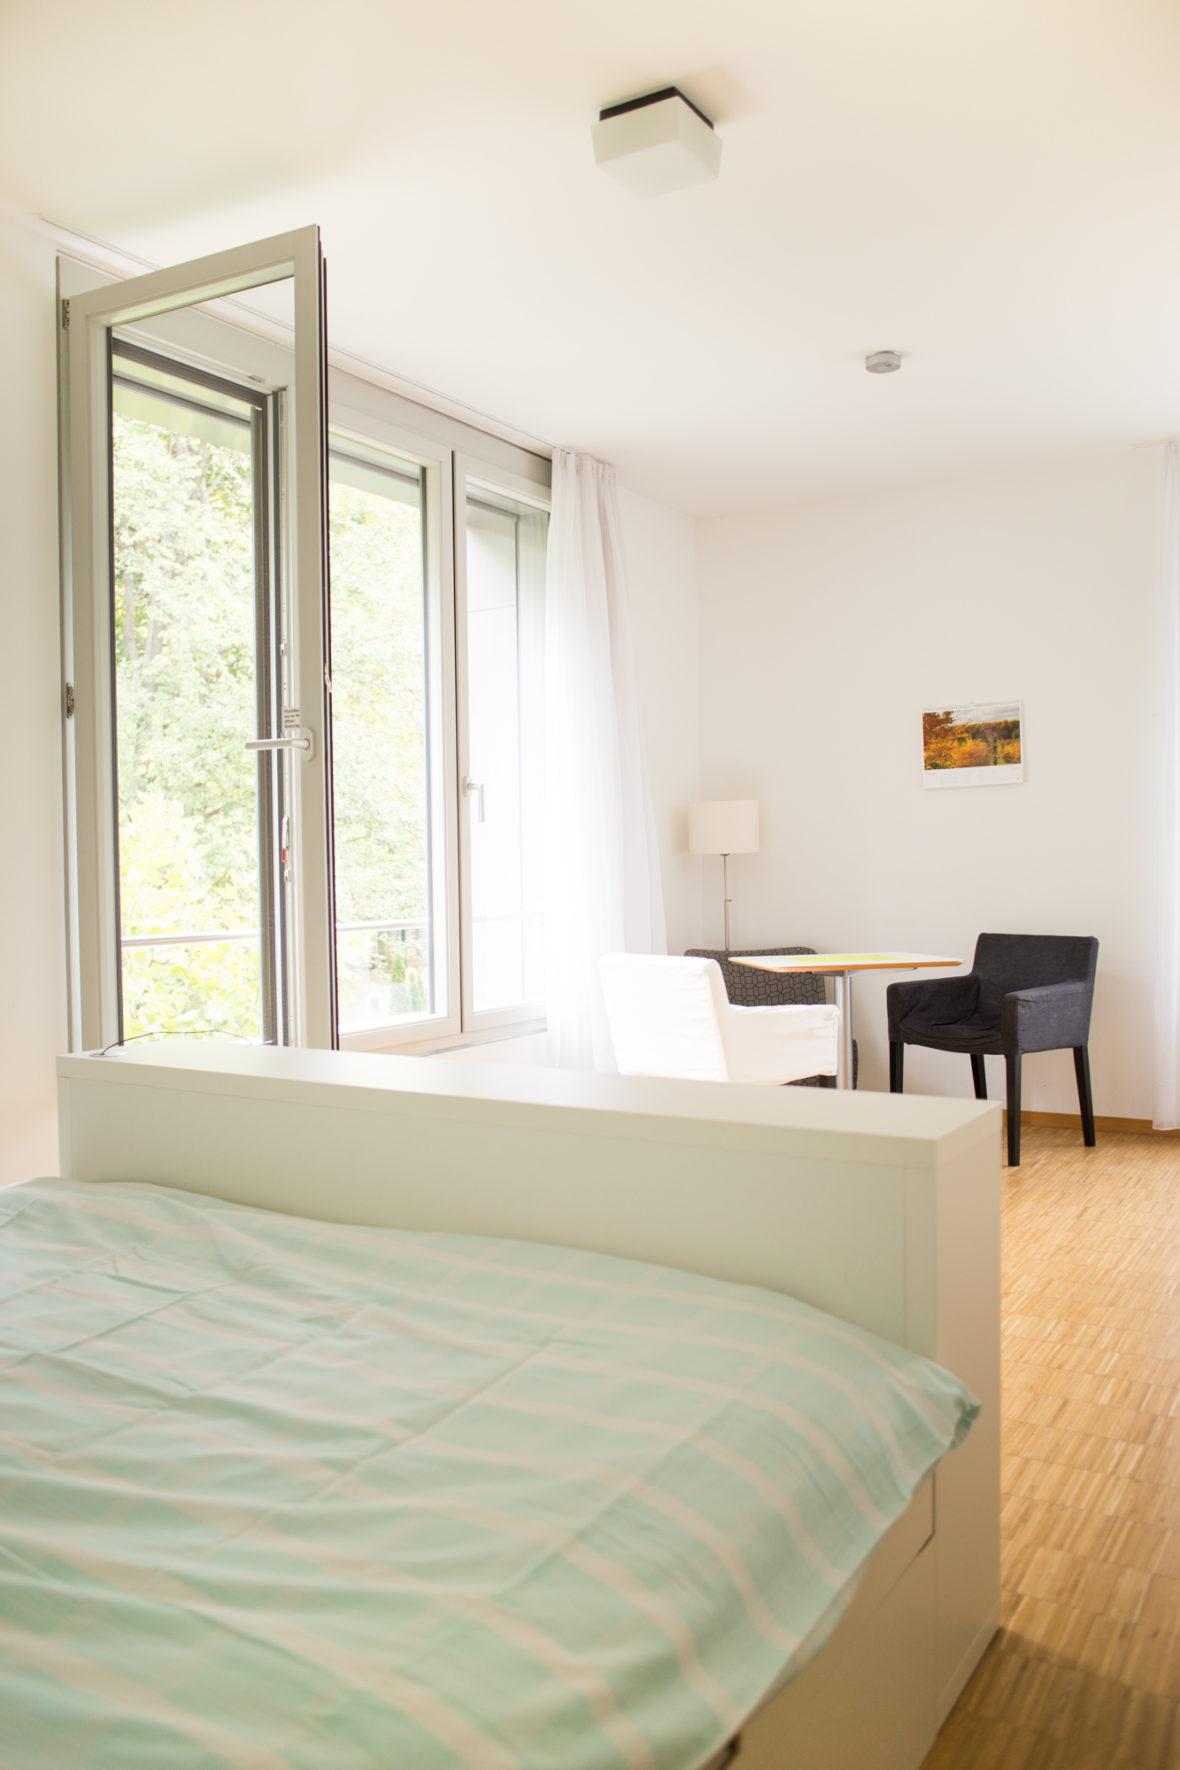 Die Zimmer sind hell und lichtdurchflutet: weiße Wände, ein weißes Doppelbett, heller Holzboden.